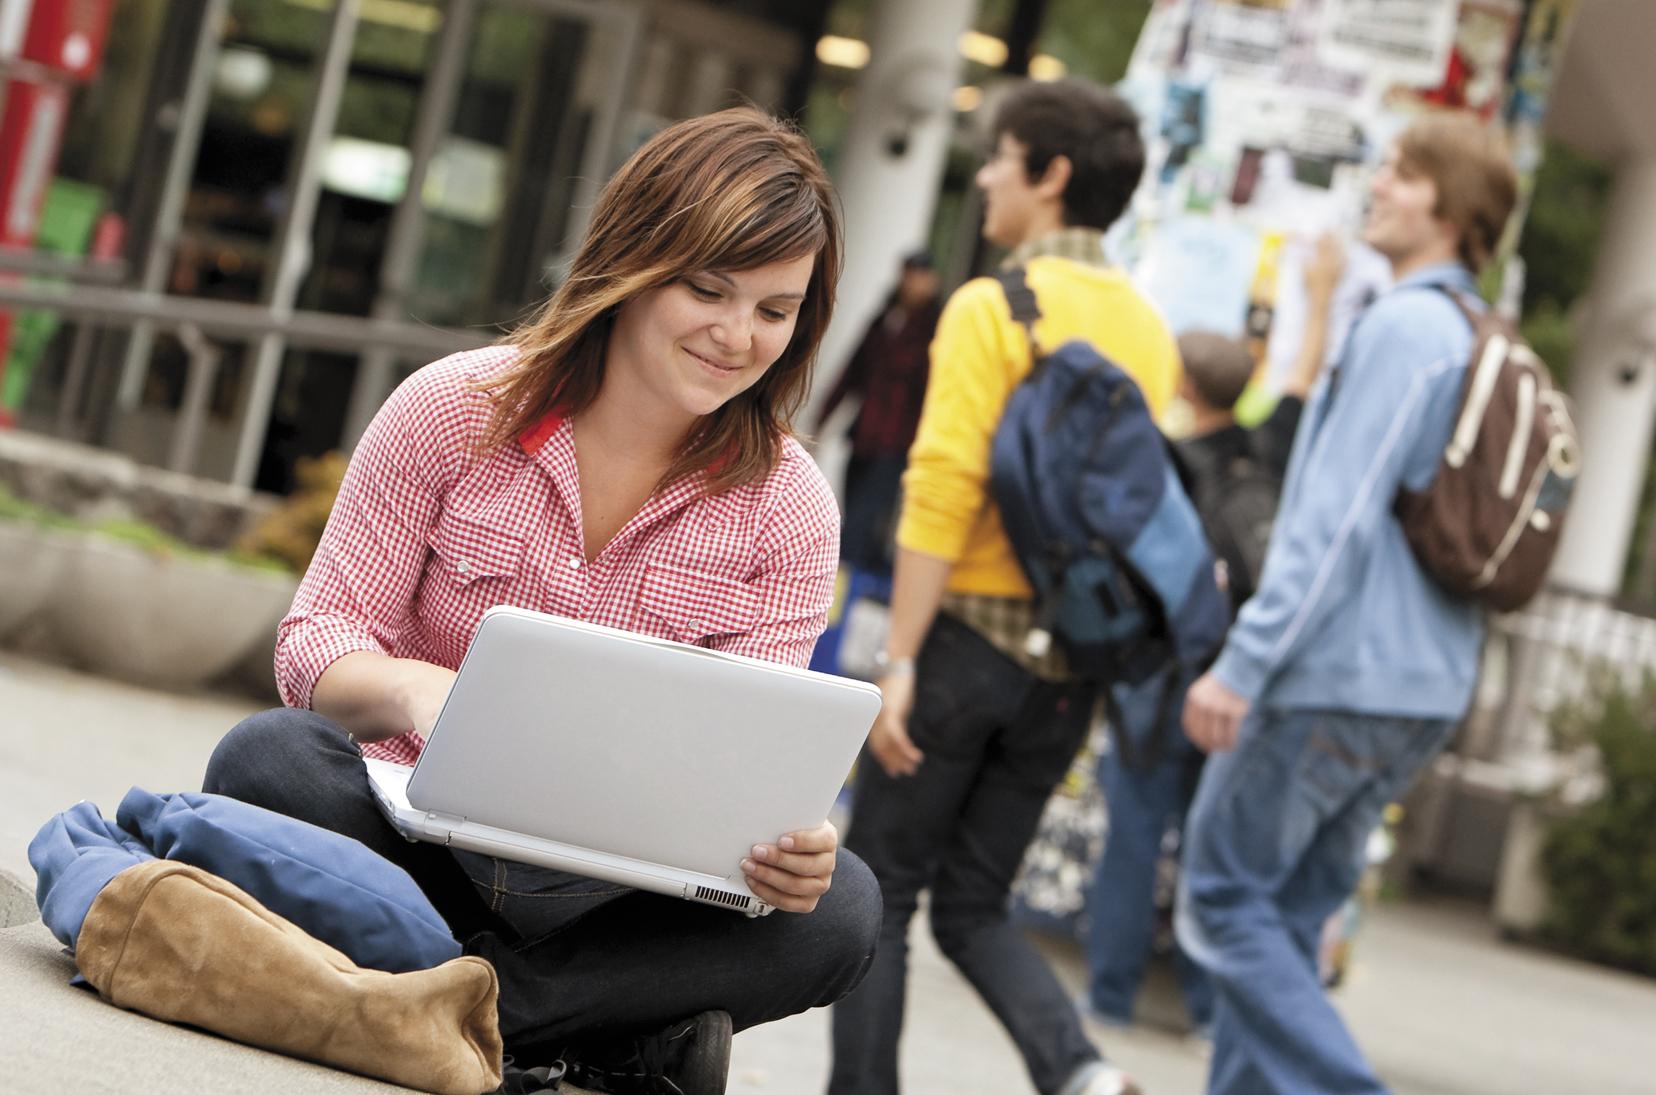 Uno studente su quattro compie o subisce atti di cyberbullismo